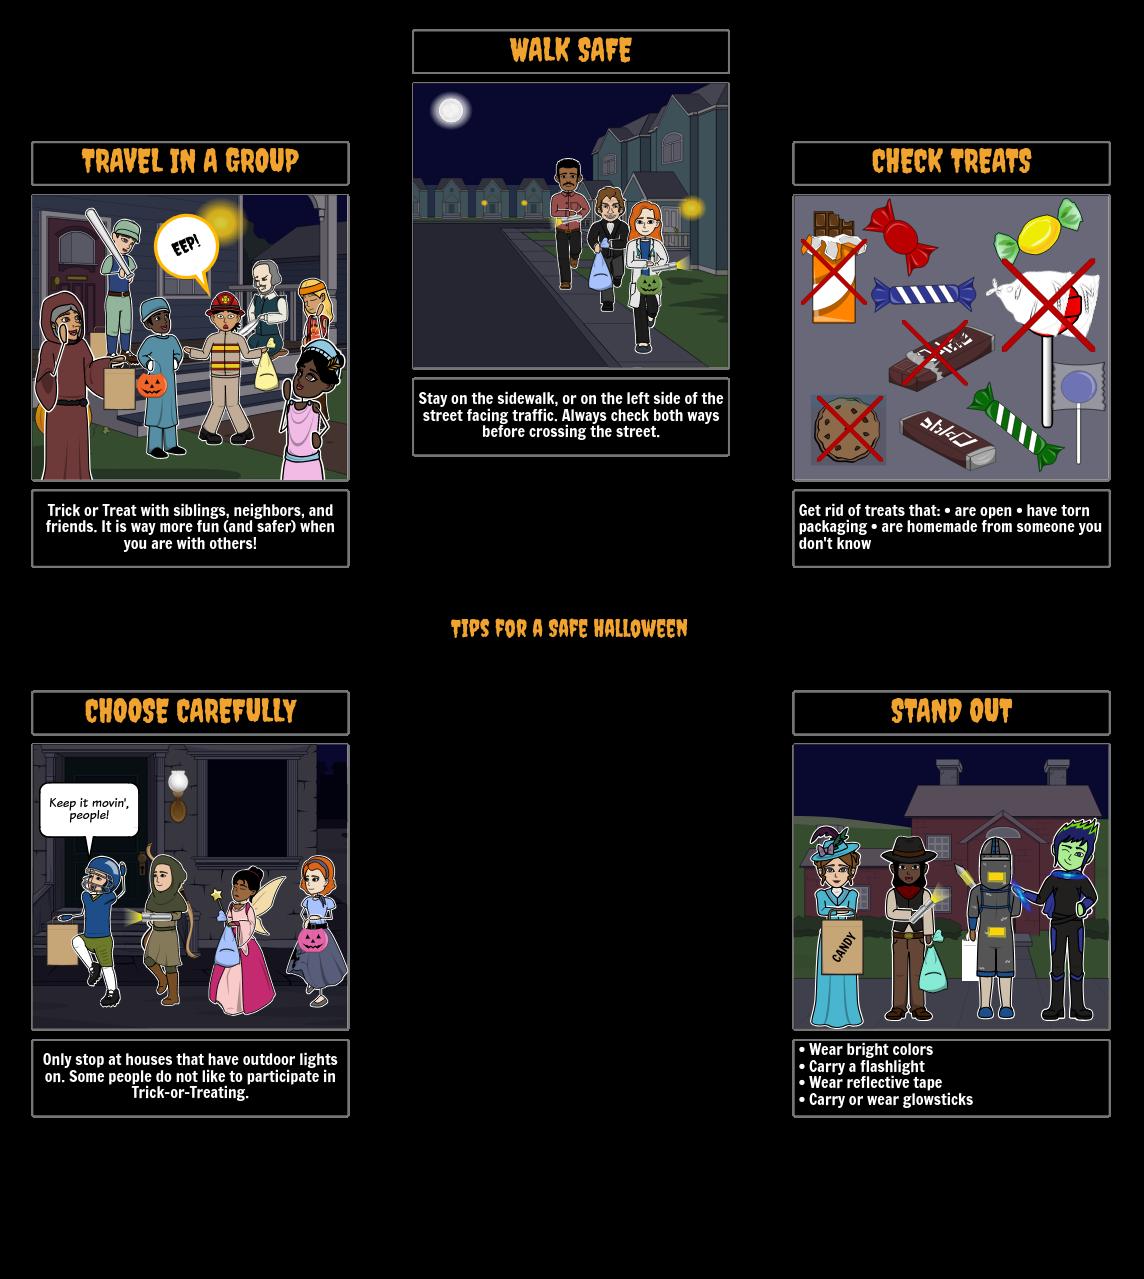 Halloween Activities - Safety